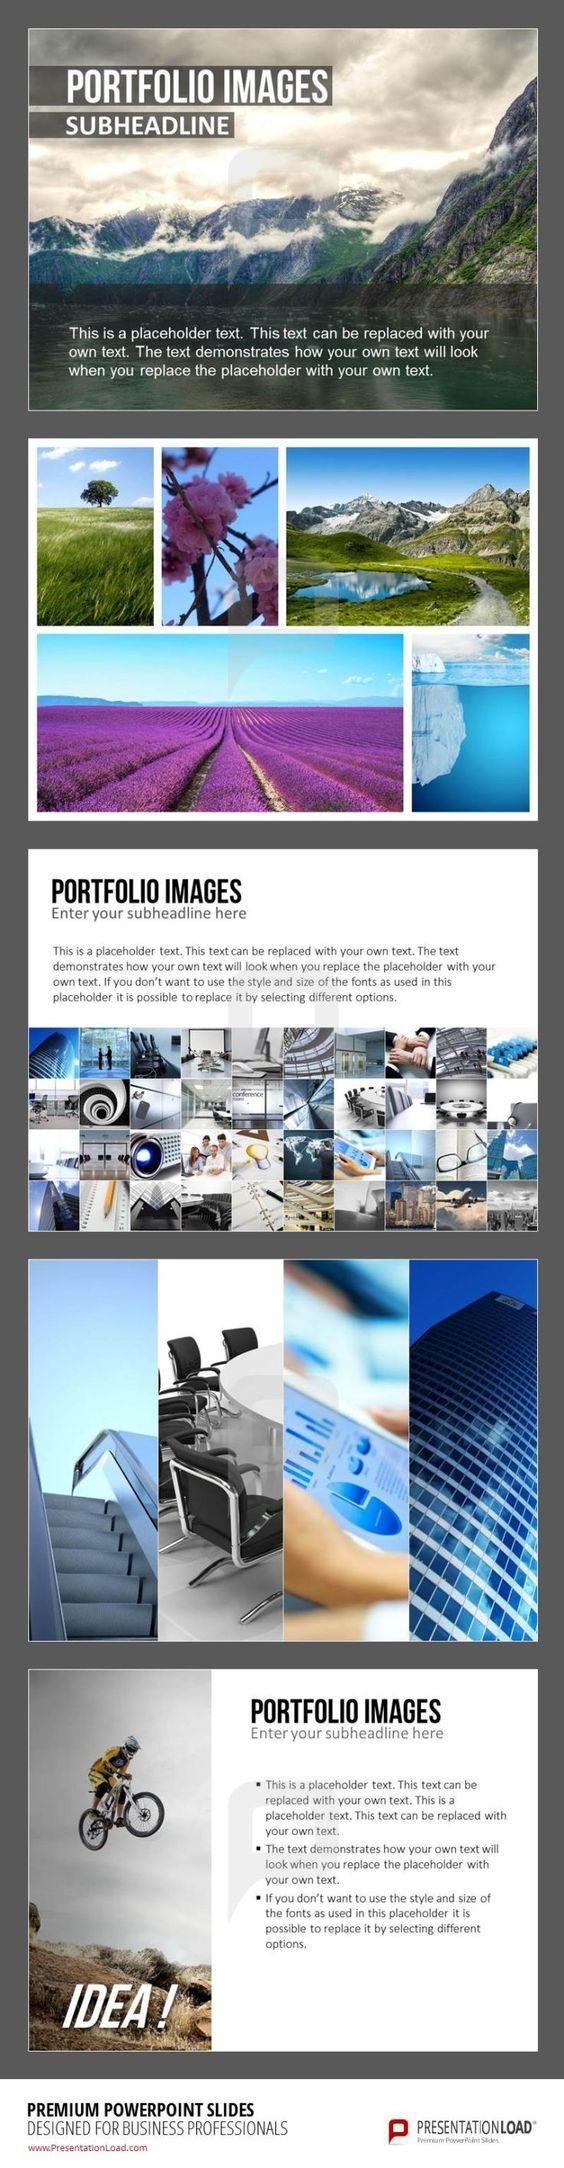 """Schluss mit endlosen Formatierungen und Anpassungen - unser neues Vorlagenset """"Image Portfolio Layout"""" bietet Ihnen die Möglichkeit, Bilddateien schnell, einfach und ansprechend mit Hilfe von verschiedenen Raster in PowerPoint darzustellen."""